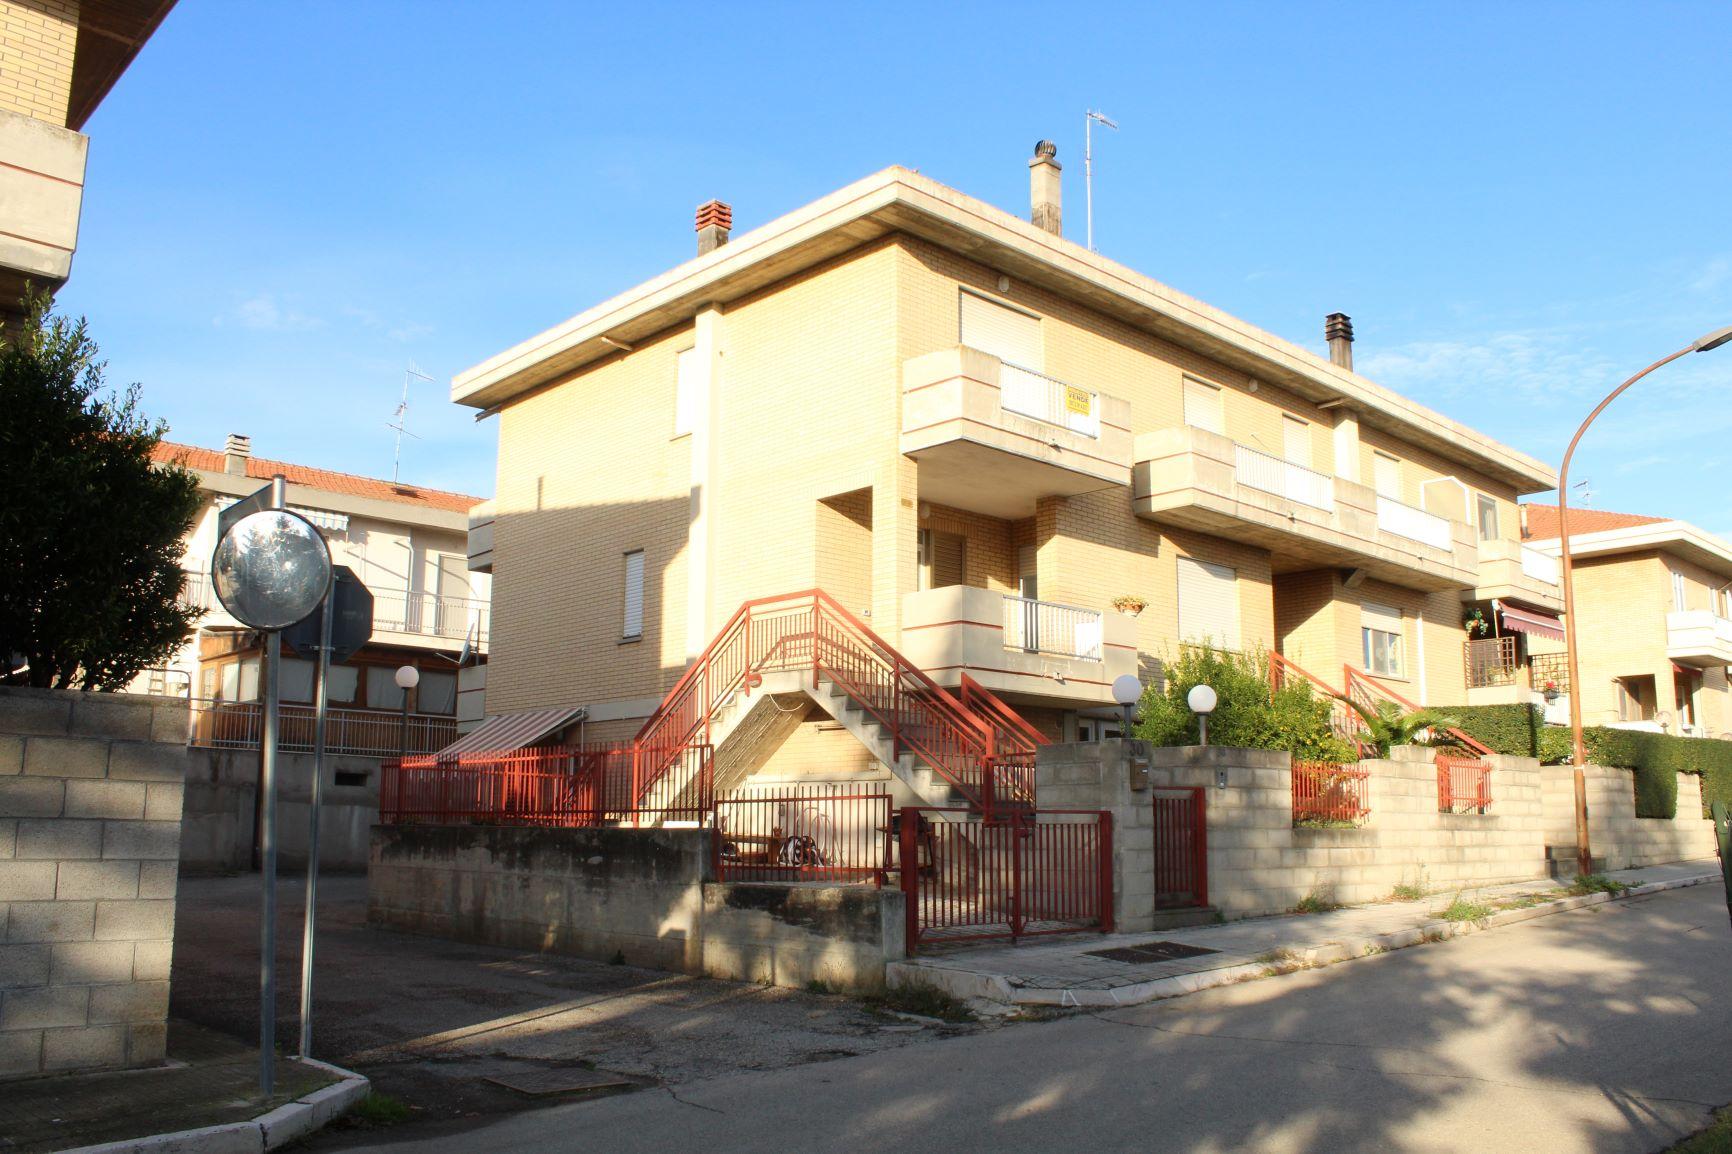 rif 1142 Casalbordino (CH) – Appartamento con tre camere da letto – € 150000